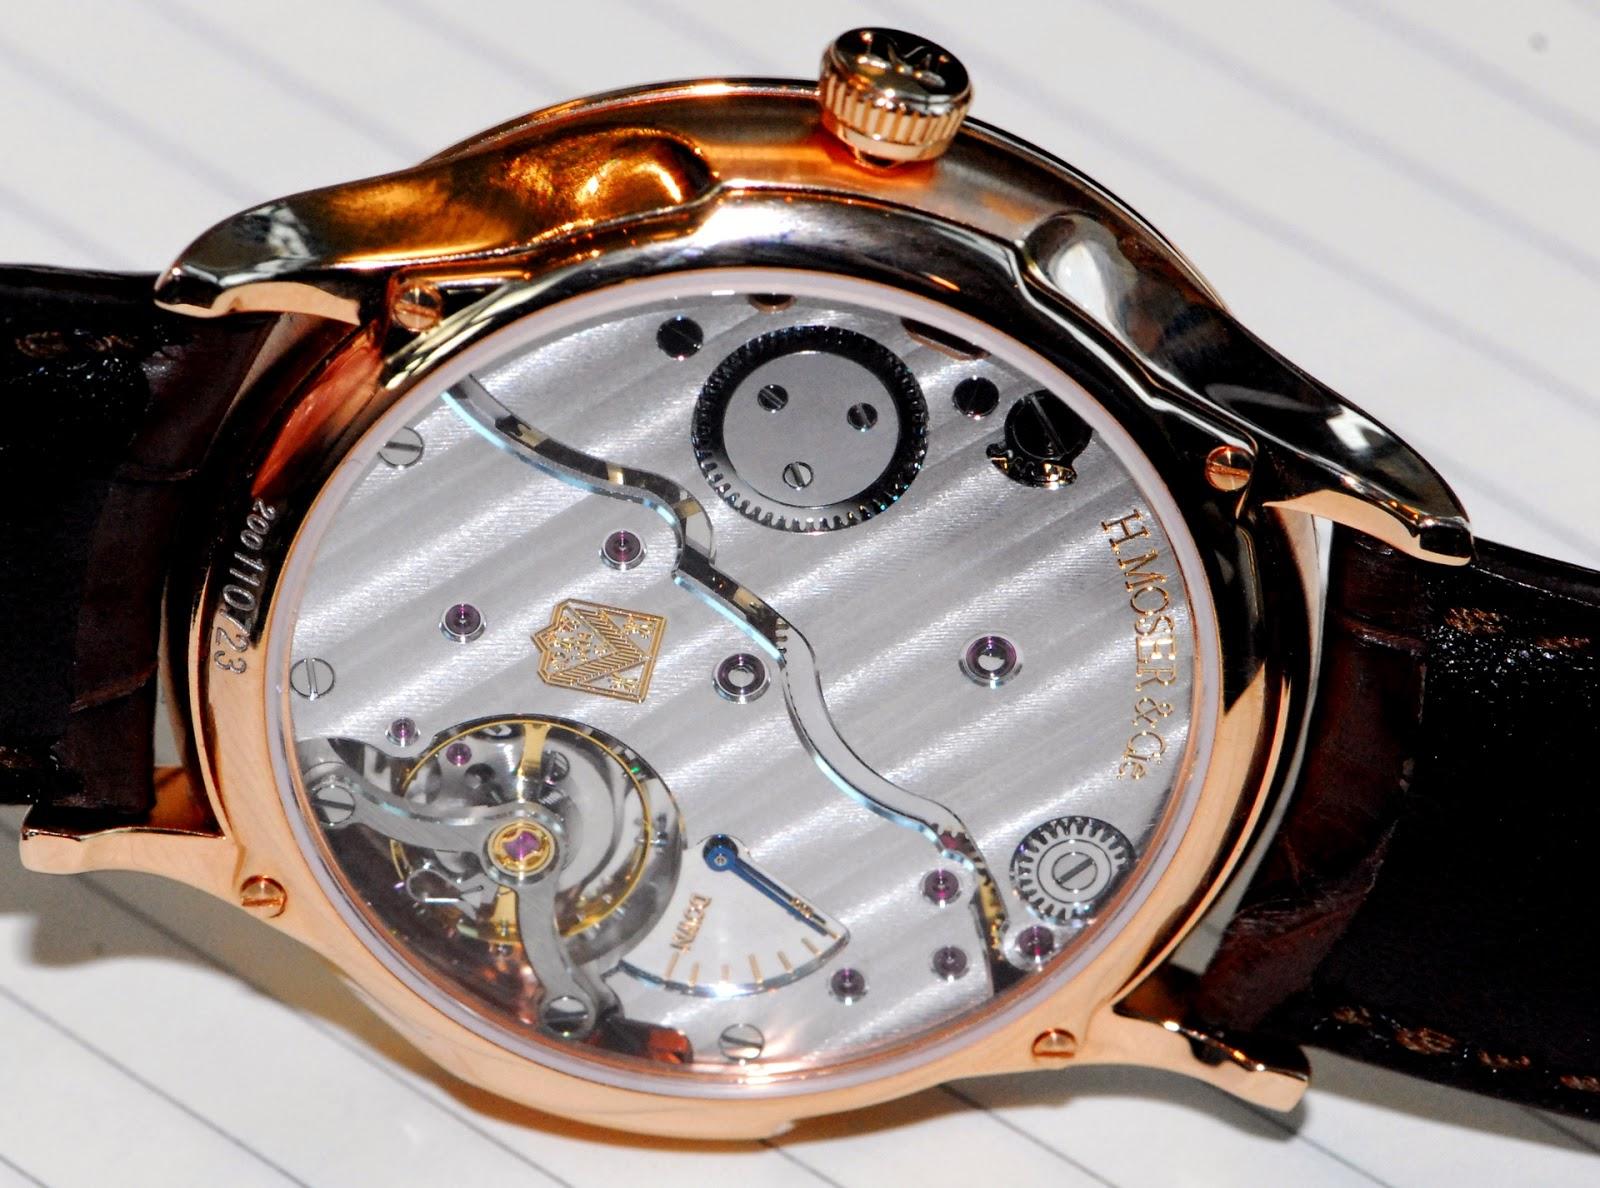 calibre HMC 327 H. Moser & Cie.